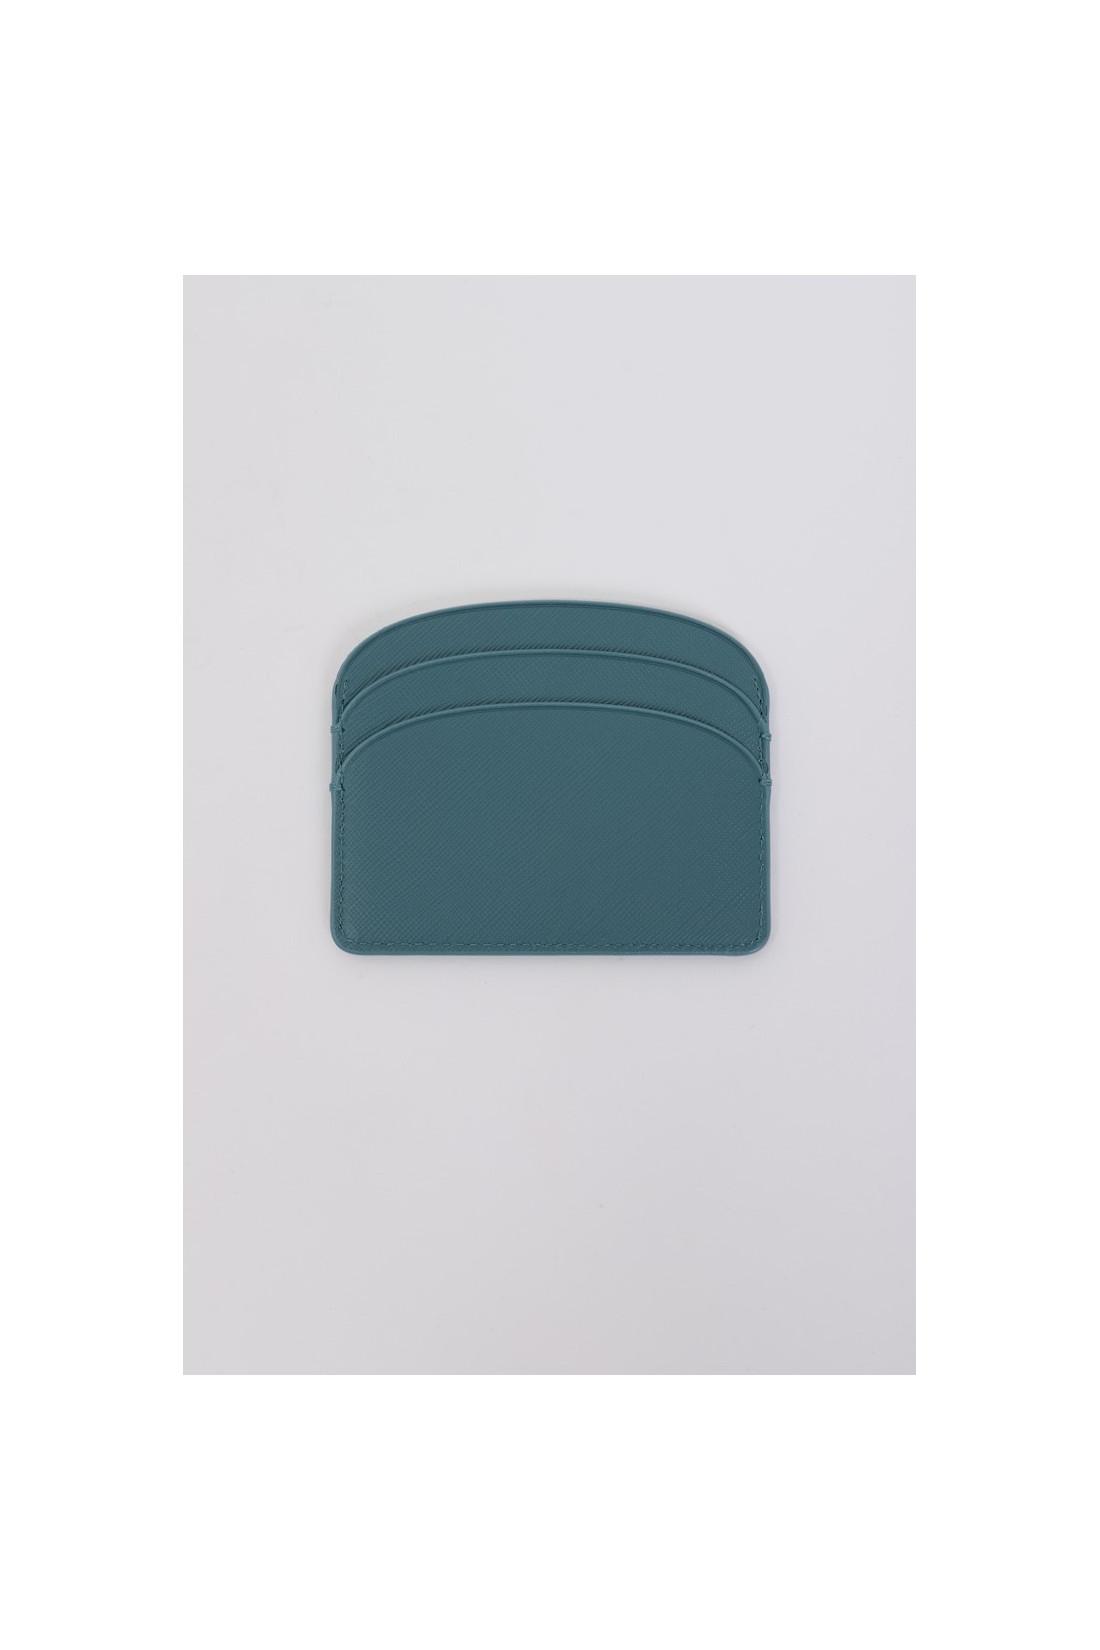 A.P.C. FOR WOMAN / Porte-cartes demi-lune Bleu canard